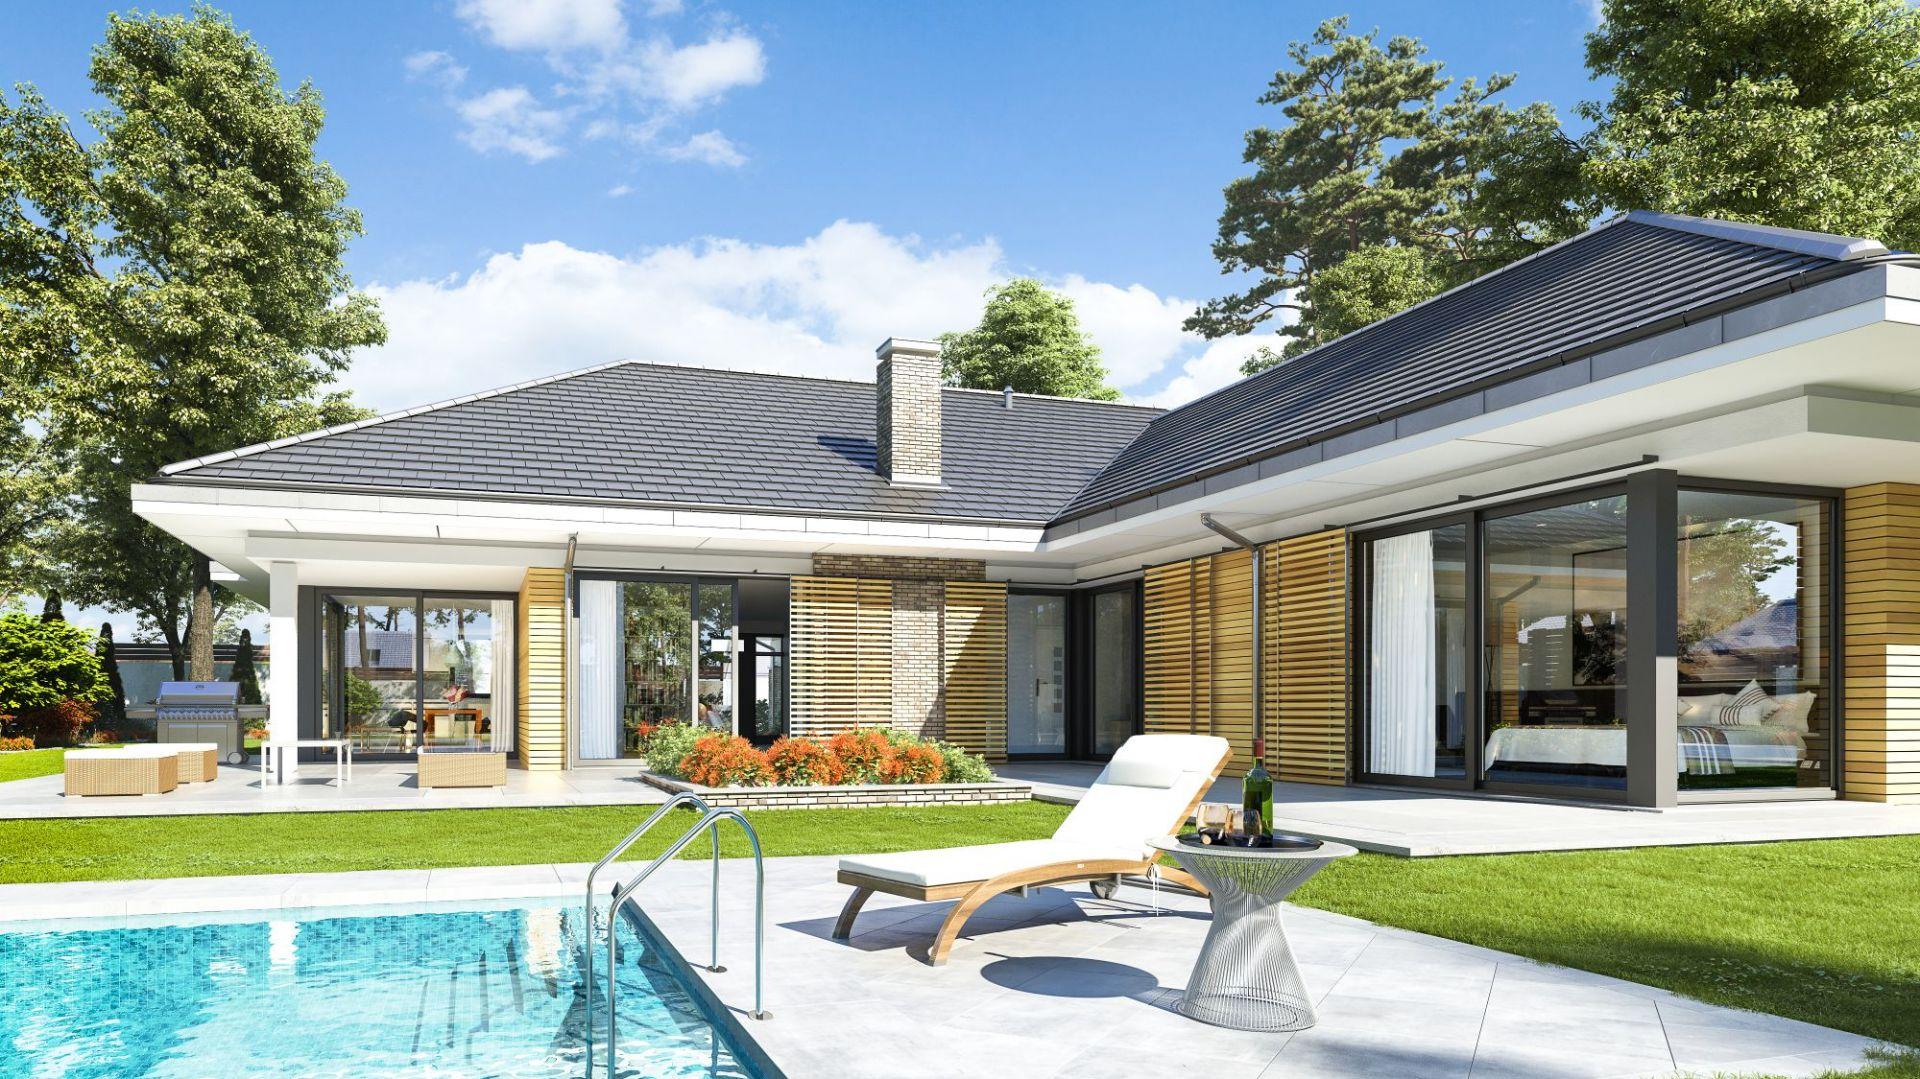 Dom jest energooszczędny, zaprojektowany z nowoczesnych materiałów.Dom Wyjątkowy 22. Projekt: arach. Michał Gąsiorowski. Fot. MG Projekt